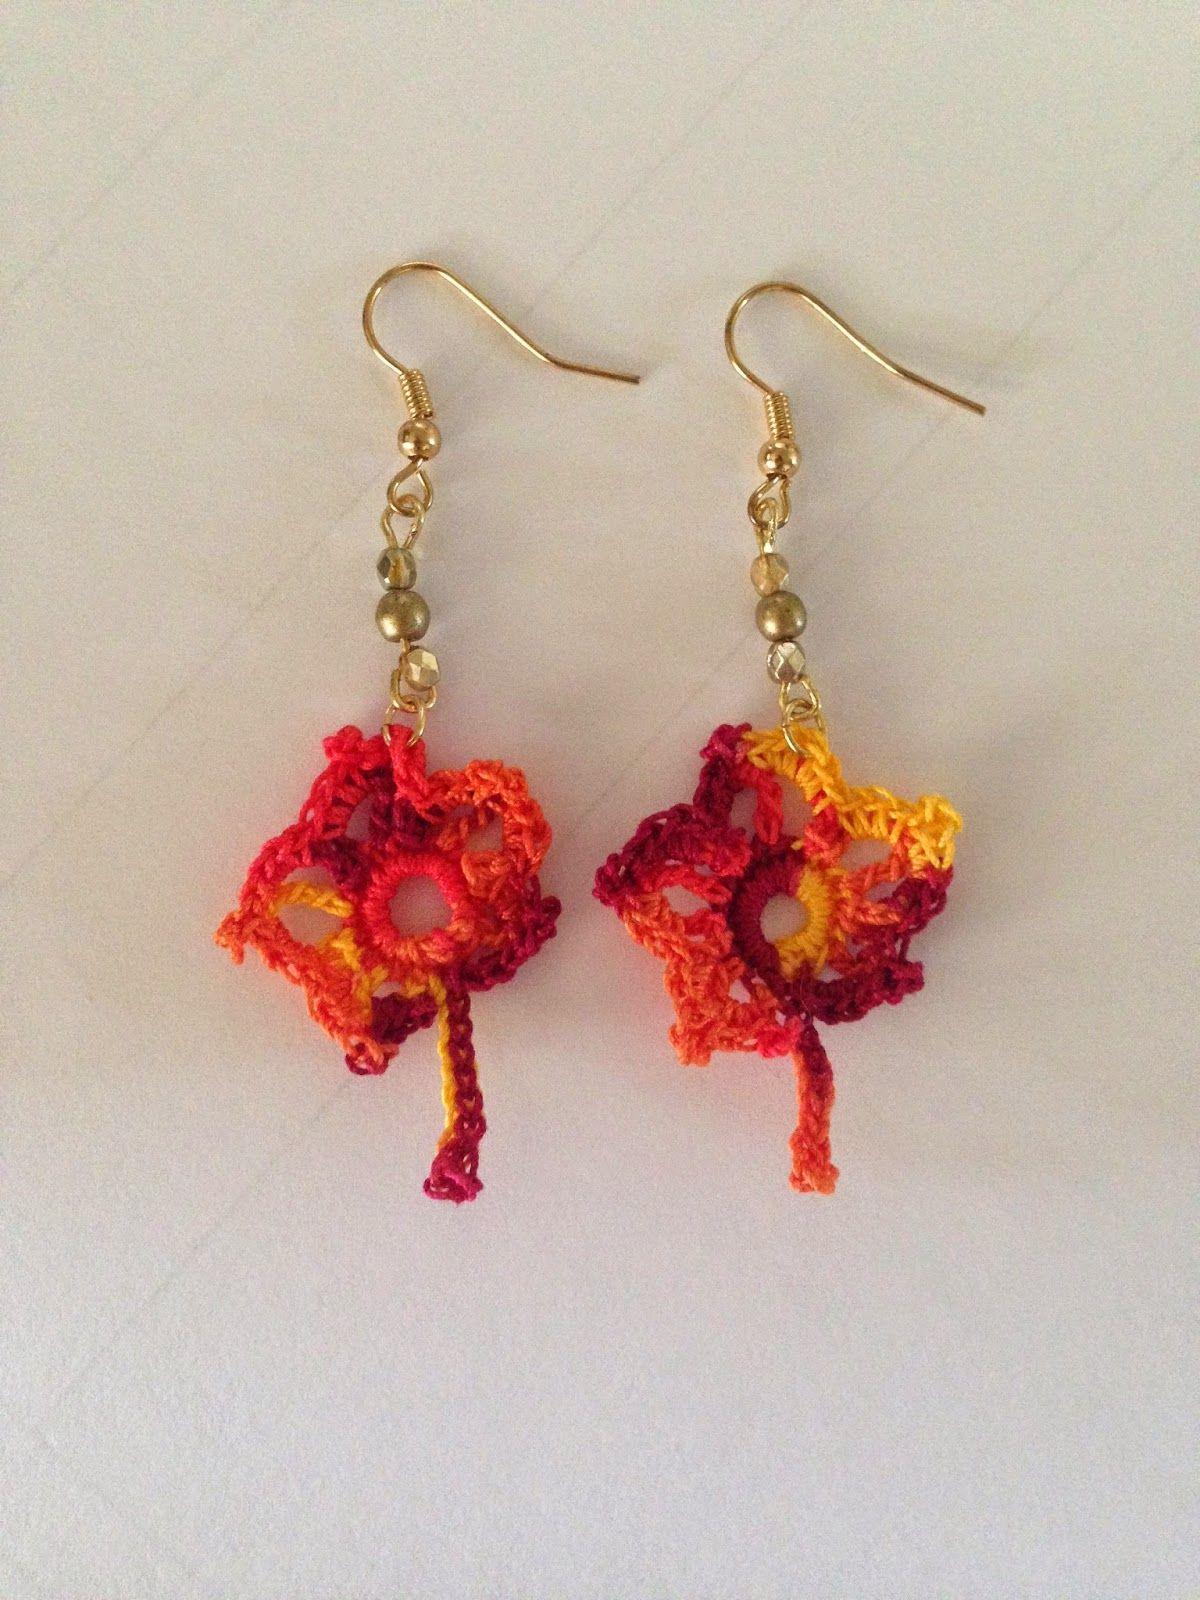 Crochet maple leaf fall earrings. Free pattern included! | Lace ...